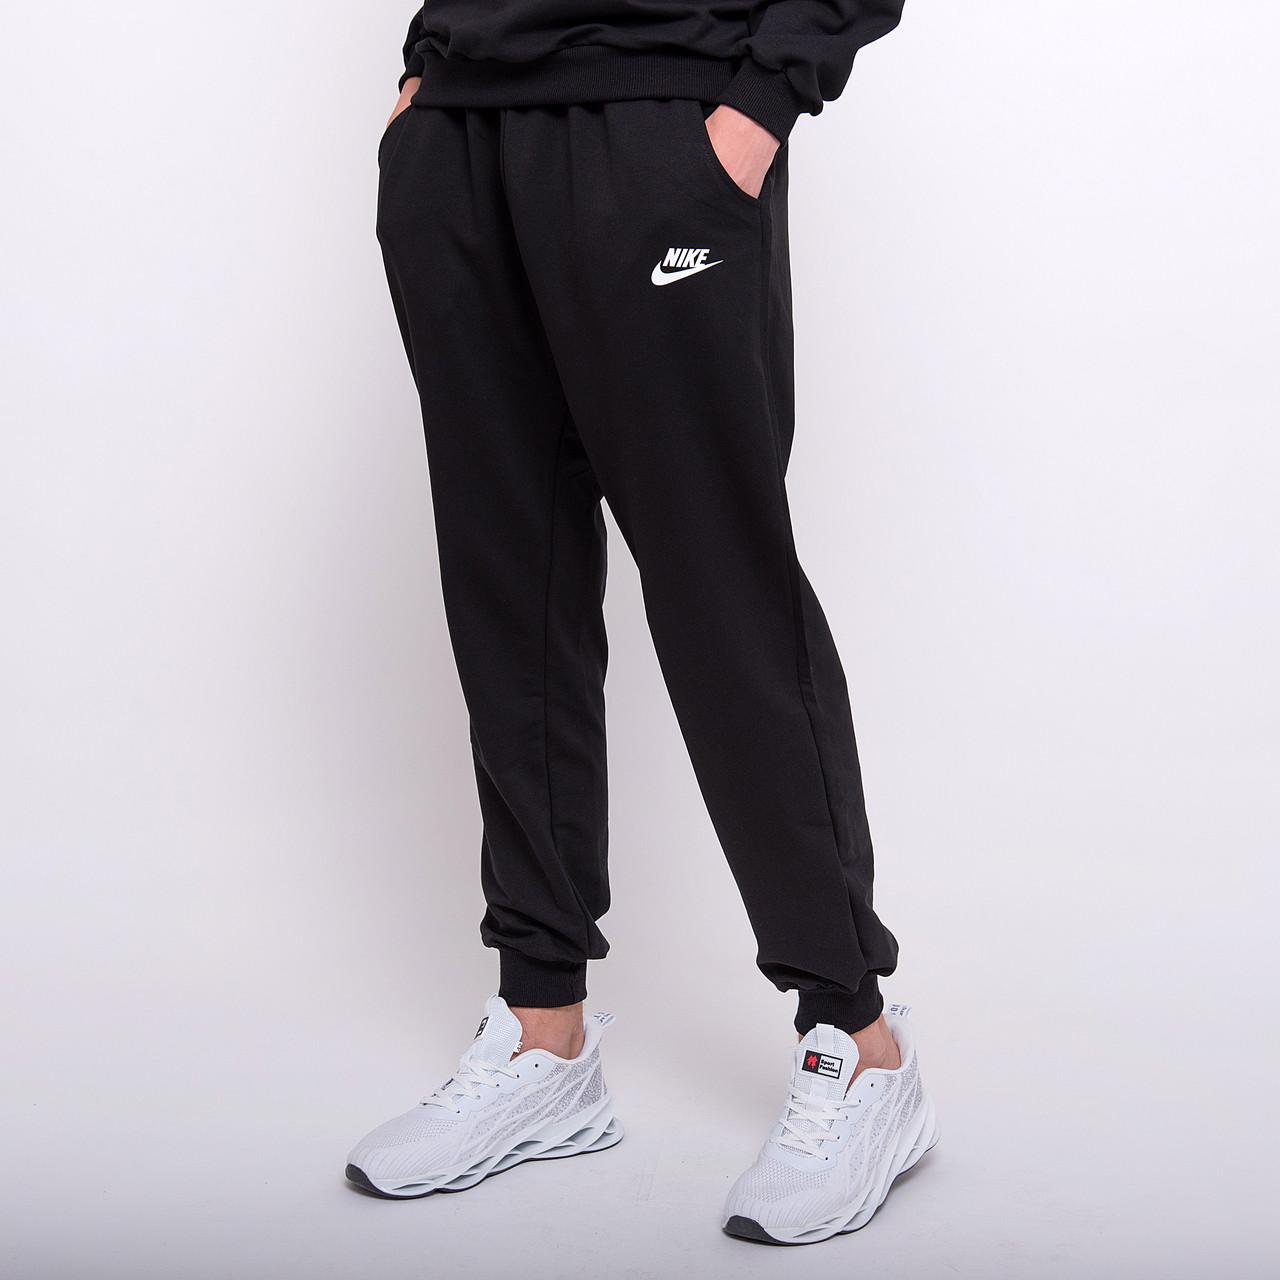 Чоловічі спортивні штани Nike, чорного кольору (трикотаж)